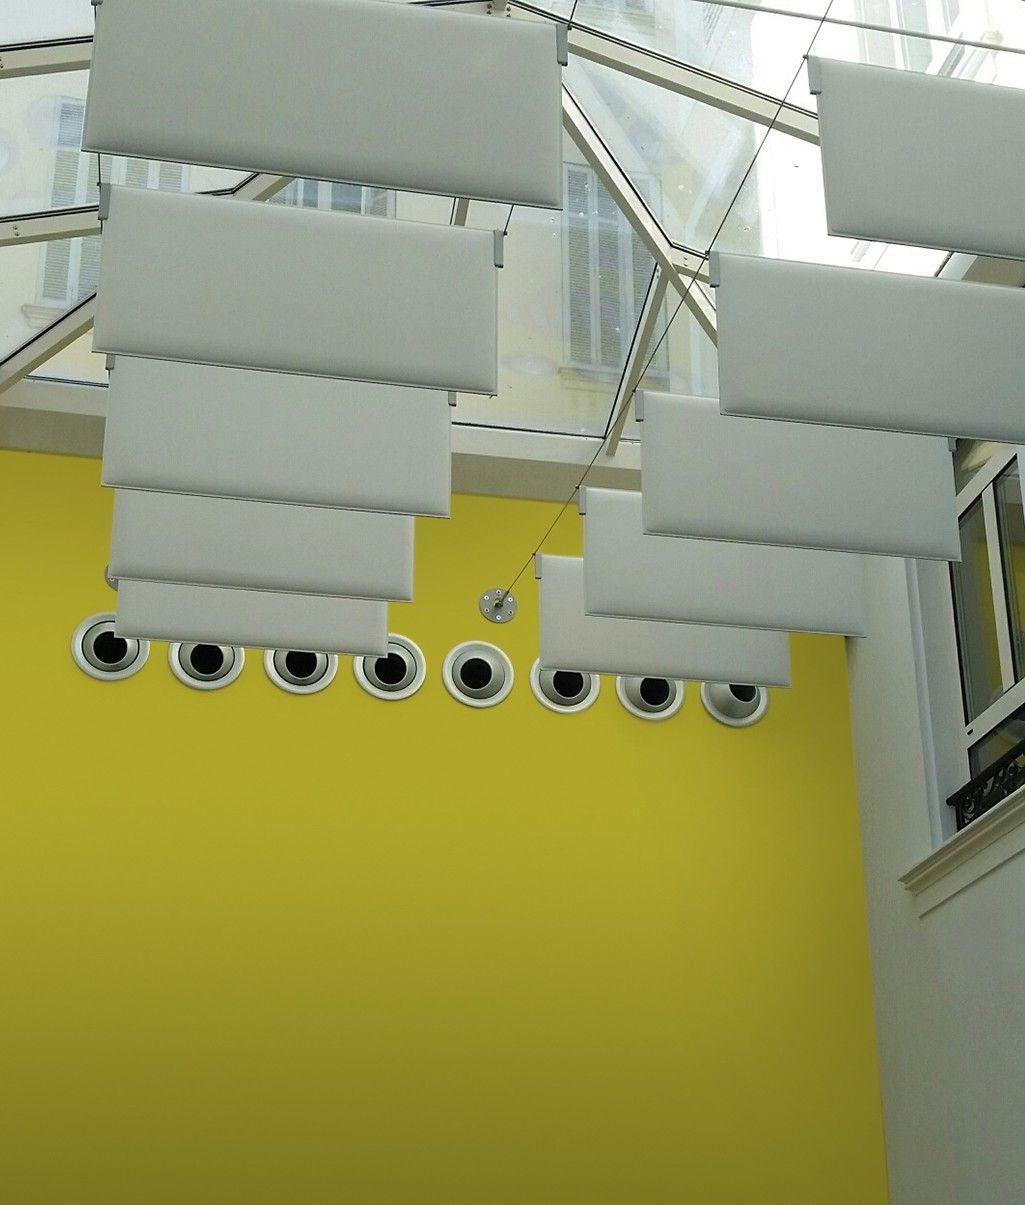 Schallschutz hängend Büro Schallschutz, Sichtschutz